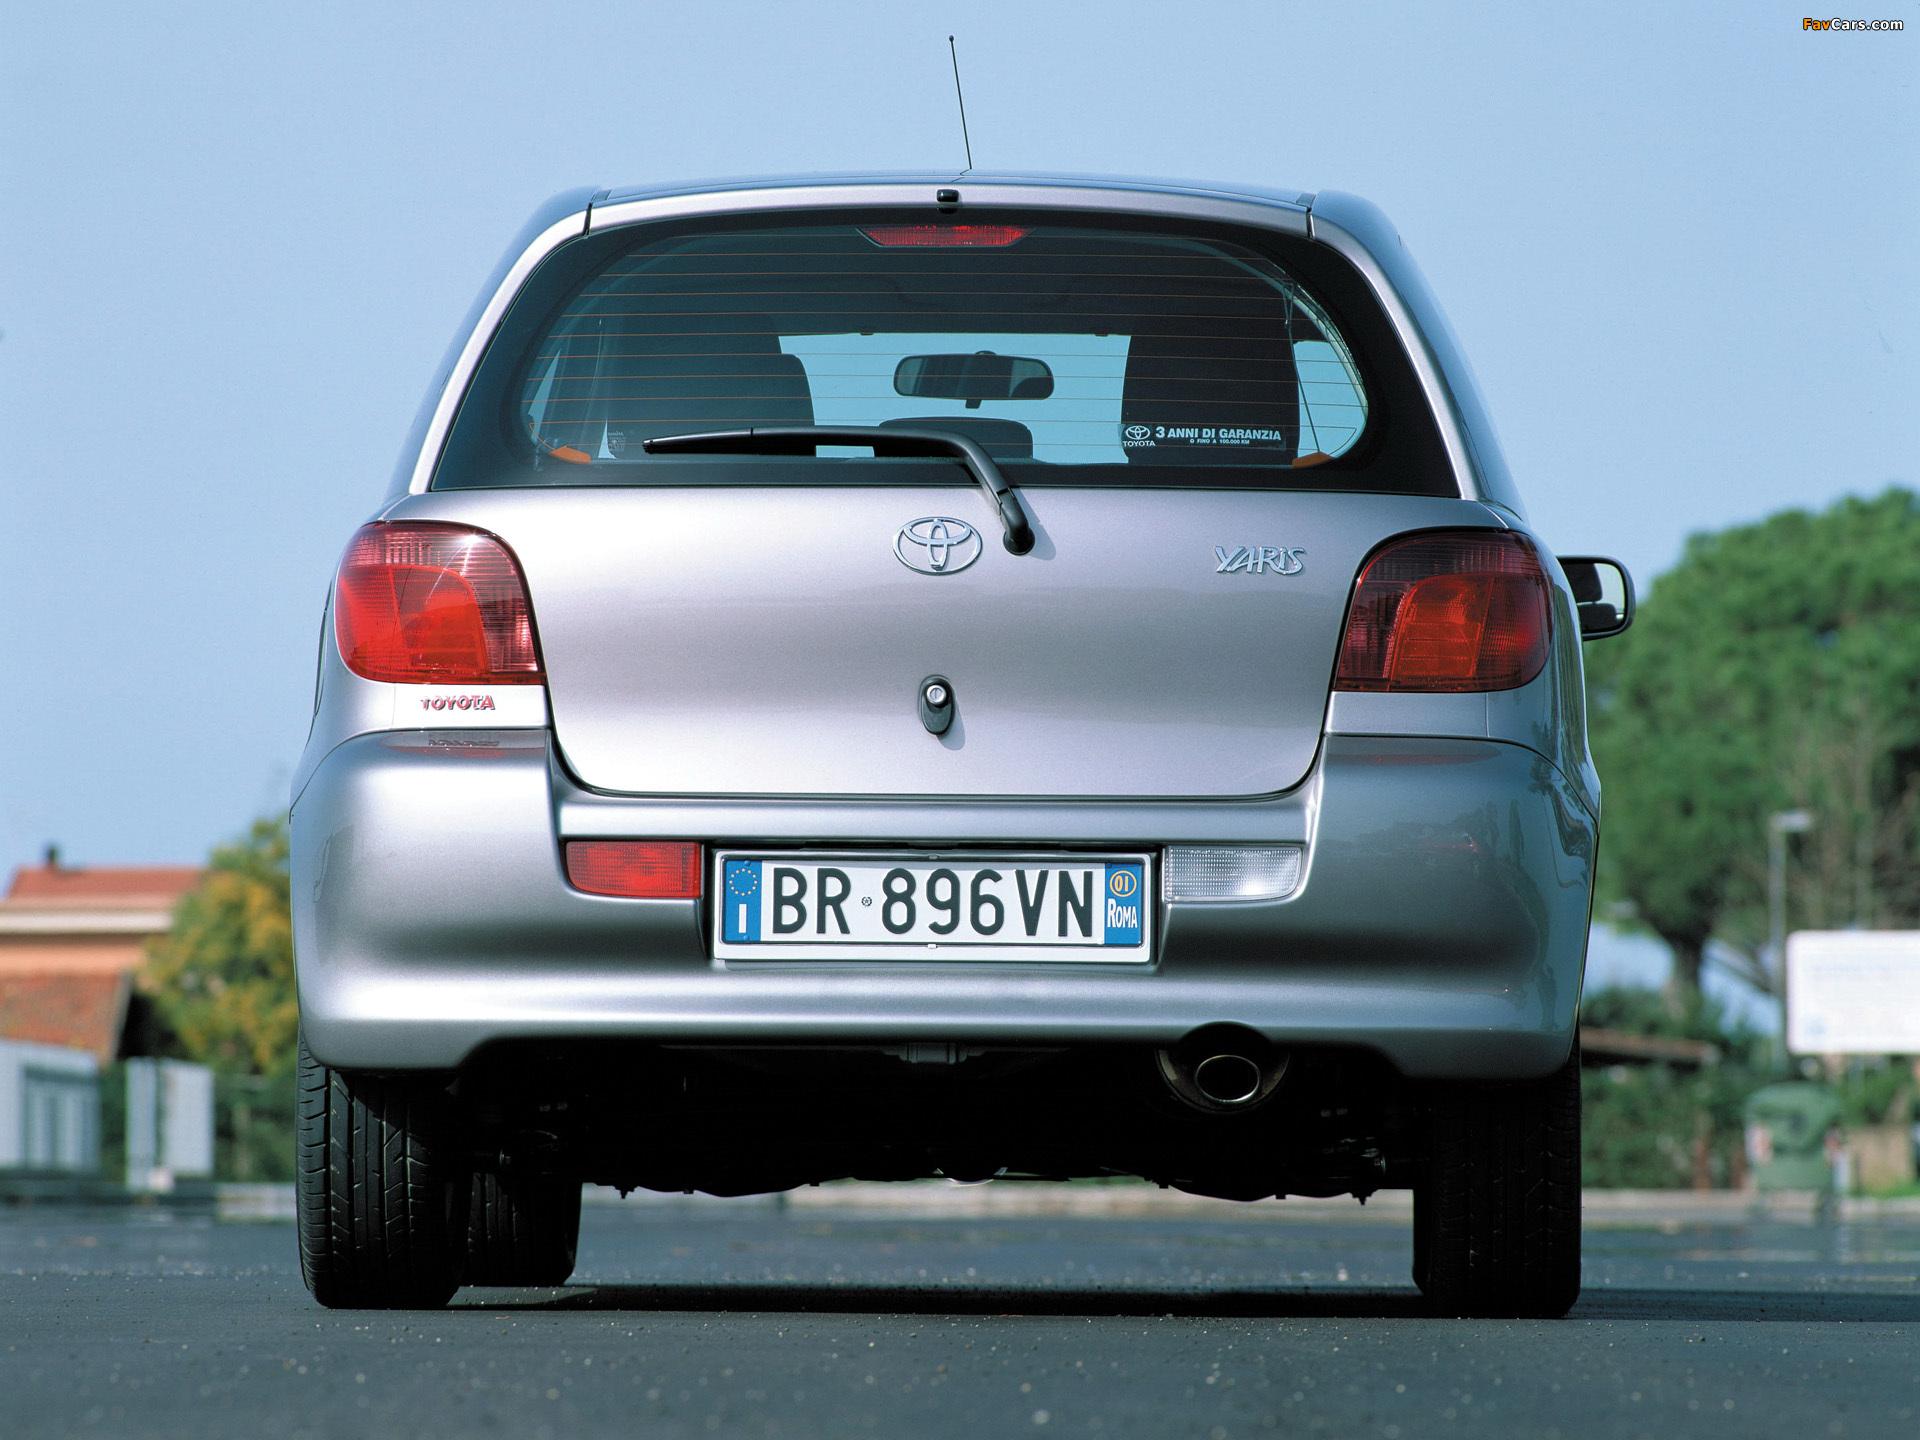 Toyota Yaris gebraucht kaufen bei AutoScout24